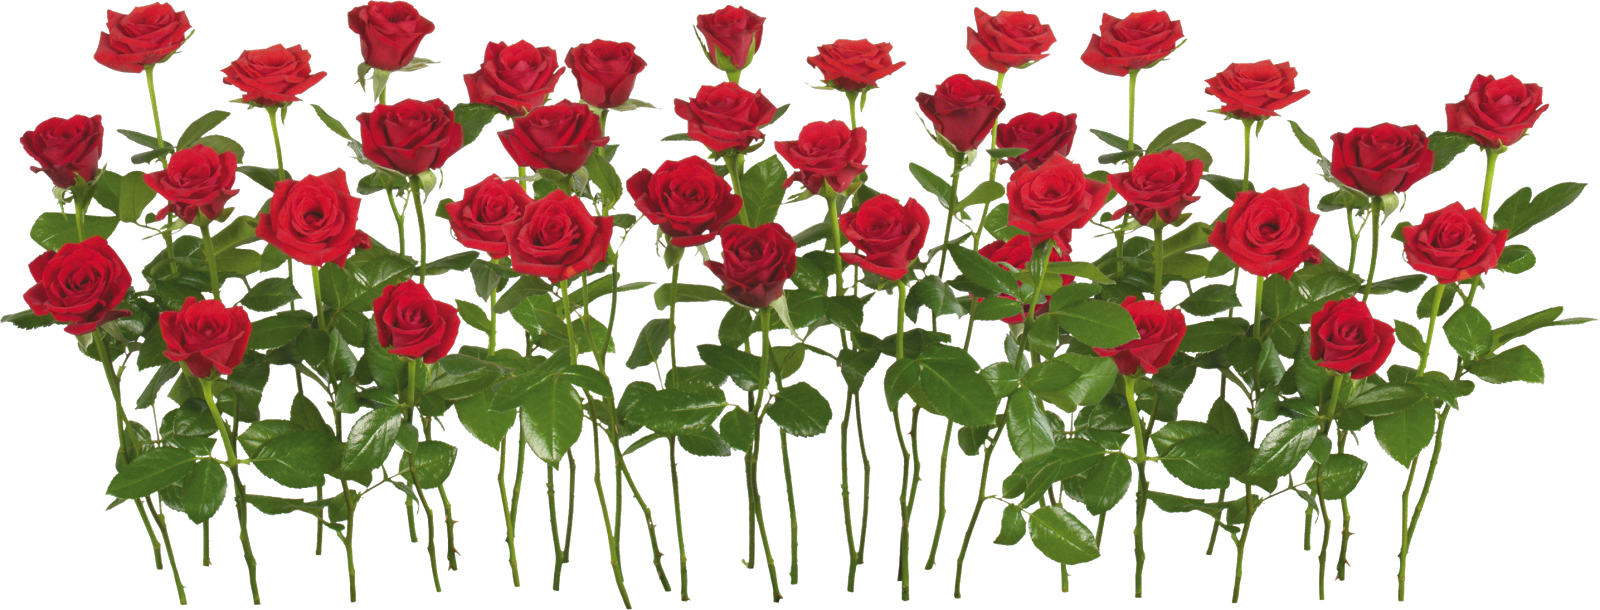 Canteiro de rosas png